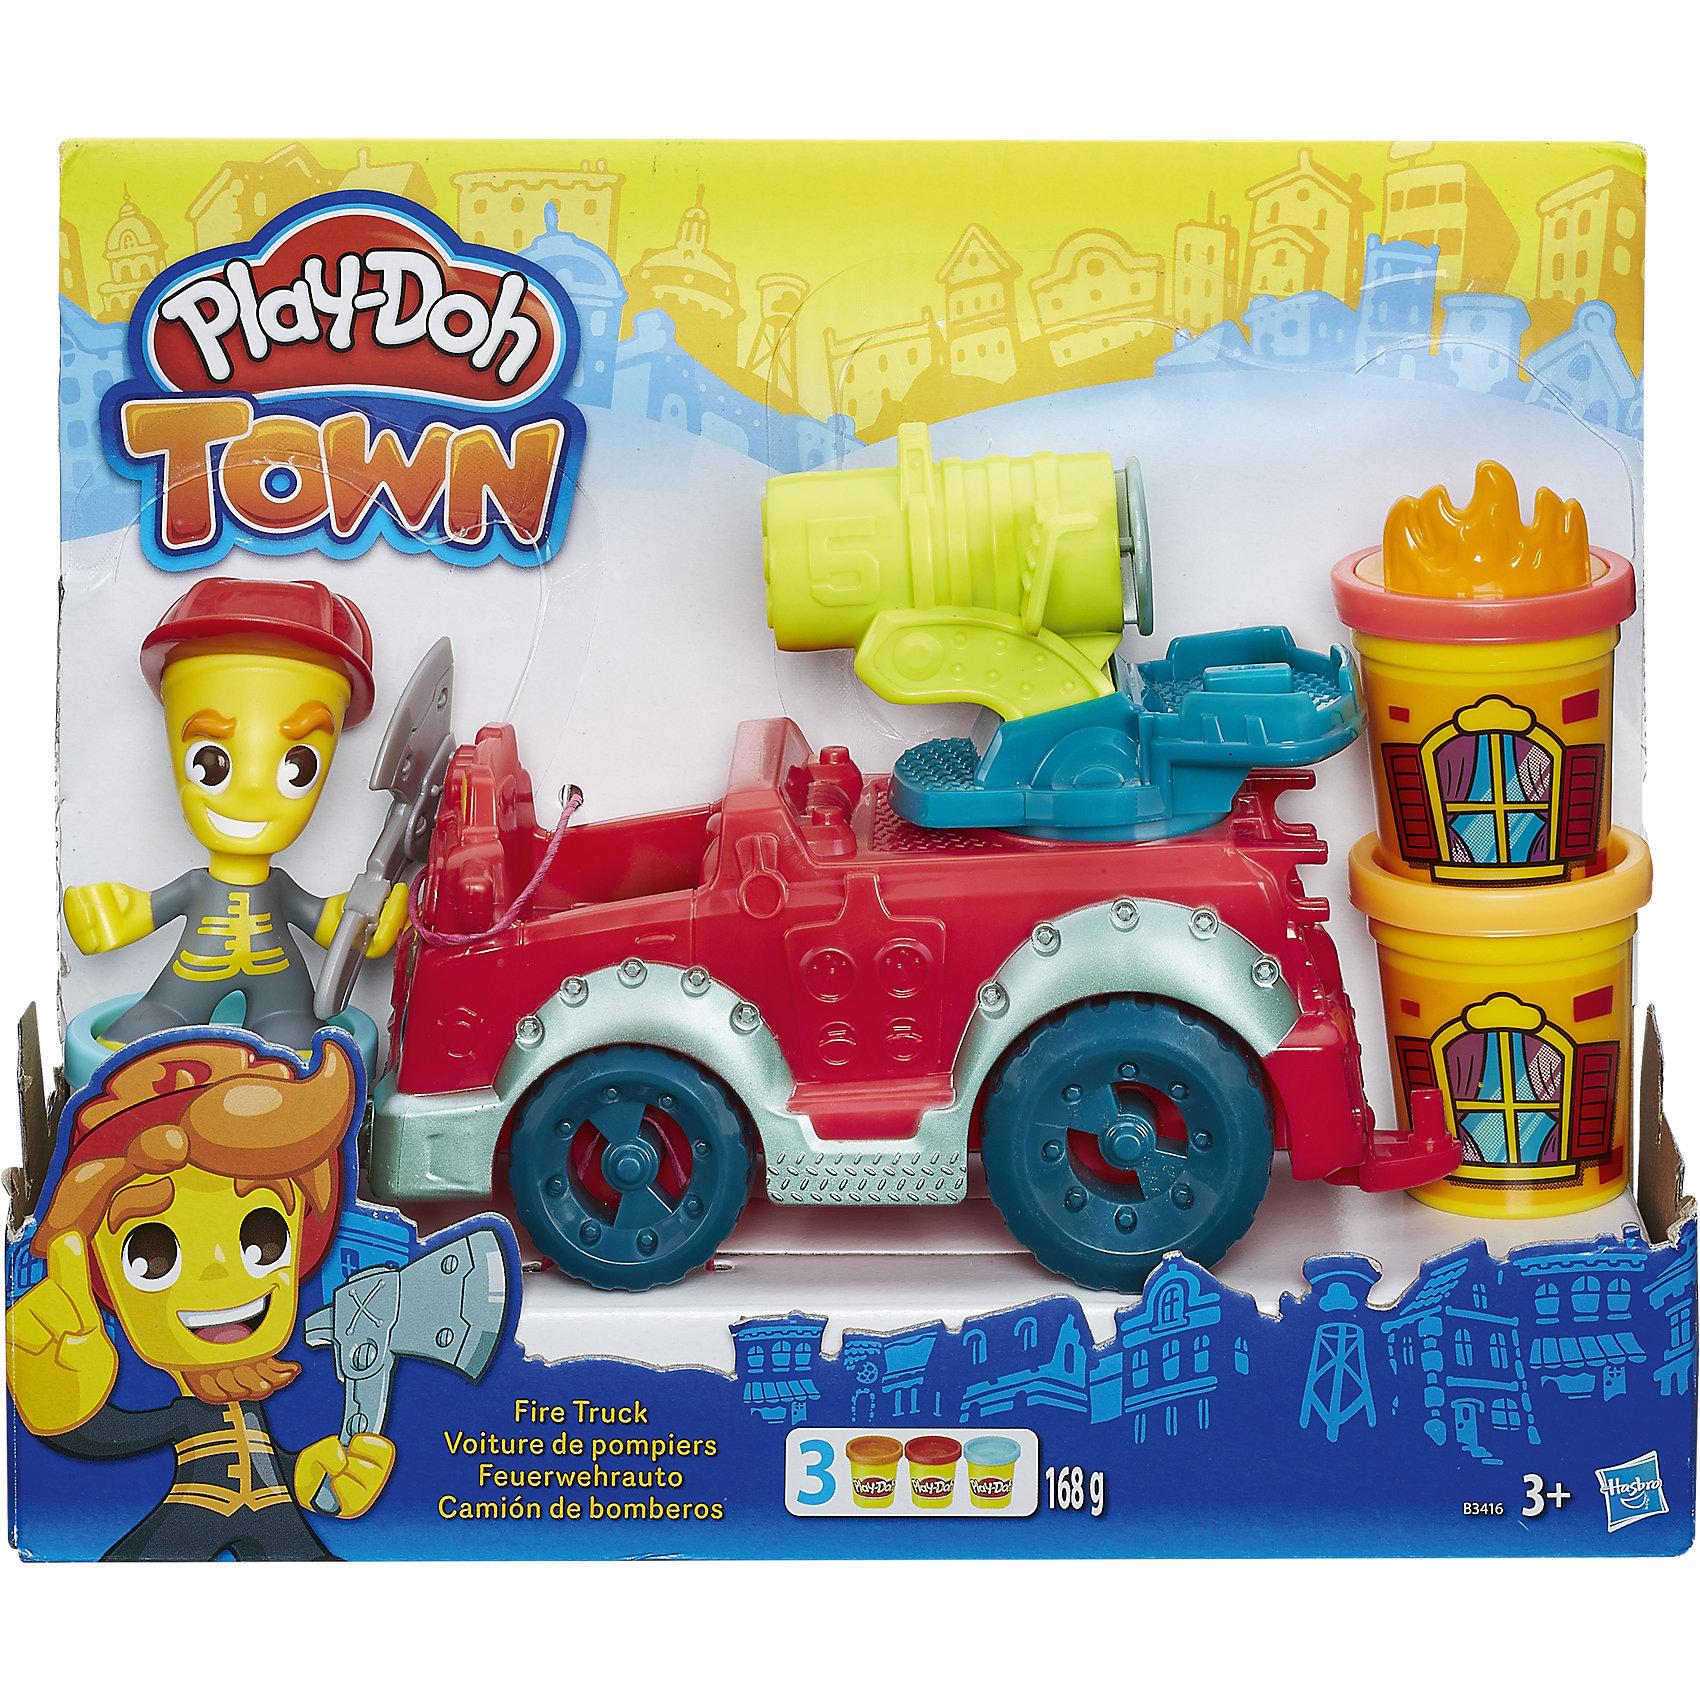 Игровой набор Пожарная машина, Город, Play-DohИгровой набор Пожарная машина, Город, Play-Doh, непременно порадует всех маленьких любителей лепки. В городке Плей-До случился пожар! Скорее подготовь пожарную машину, наполни водомет и отправляйтесь вместе с отважным пожарником на помощь жителям. Вращая ручку водомета, можно устроить самый настоящий  Play-Doh душ! В руку пожарника вложите топор, чтобы прорубать проход в окна и двери зданий, а штамп огня разместите на крышке баночки, чтобы воссоздать реалистичную сцену пожара. Пожарную машину можно поставить в гараж Пожарной станции (набор продается отдельно). Пластилин Play-Doh отличается высоким качеством, полностью безопасен для детей, не липнет к рукам и не пачкает одежду. Легко меняет форму и быстро высыхает. <br><br>Новая линейка Плей-До Город посвящена городской тематике и включает в себя наборы с фигурками человечков, зданий и городского транспорта. Наборы Город прекрасно дополняют друг друга, позволяя создавать свой собственный Play-Doh мир и устраивать увлекательные игры с друзьями. Занятия лепкой развивают у ребенка фантазию, творческие способности и объемное воображение, тренируют координацию движений и мелкую моторику.<br><br>Дополнительная информация:<br><br>- В комплекте: фигурка пожарного, пожарная машина, аксессуары, 3 баночки пластилина Play-Doh.<br>- Материал: пластмасса, пластилин. <br>- Размер упаковки: 22 х 8 х 29 см.<br>- Вес: 0,635 кг.<br><br>Игровой набор Пожарная машина, Город, Play-Doh, можно купить в нашем интернет-магазине.<br><br>Ширина мм: 278<br>Глубина мм: 215<br>Высота мм: 83<br>Вес г: 526<br>Возраст от месяцев: 36<br>Возраст до месяцев: 72<br>Пол: Мужской<br>Возраст: Детский<br>SKU: 4319036